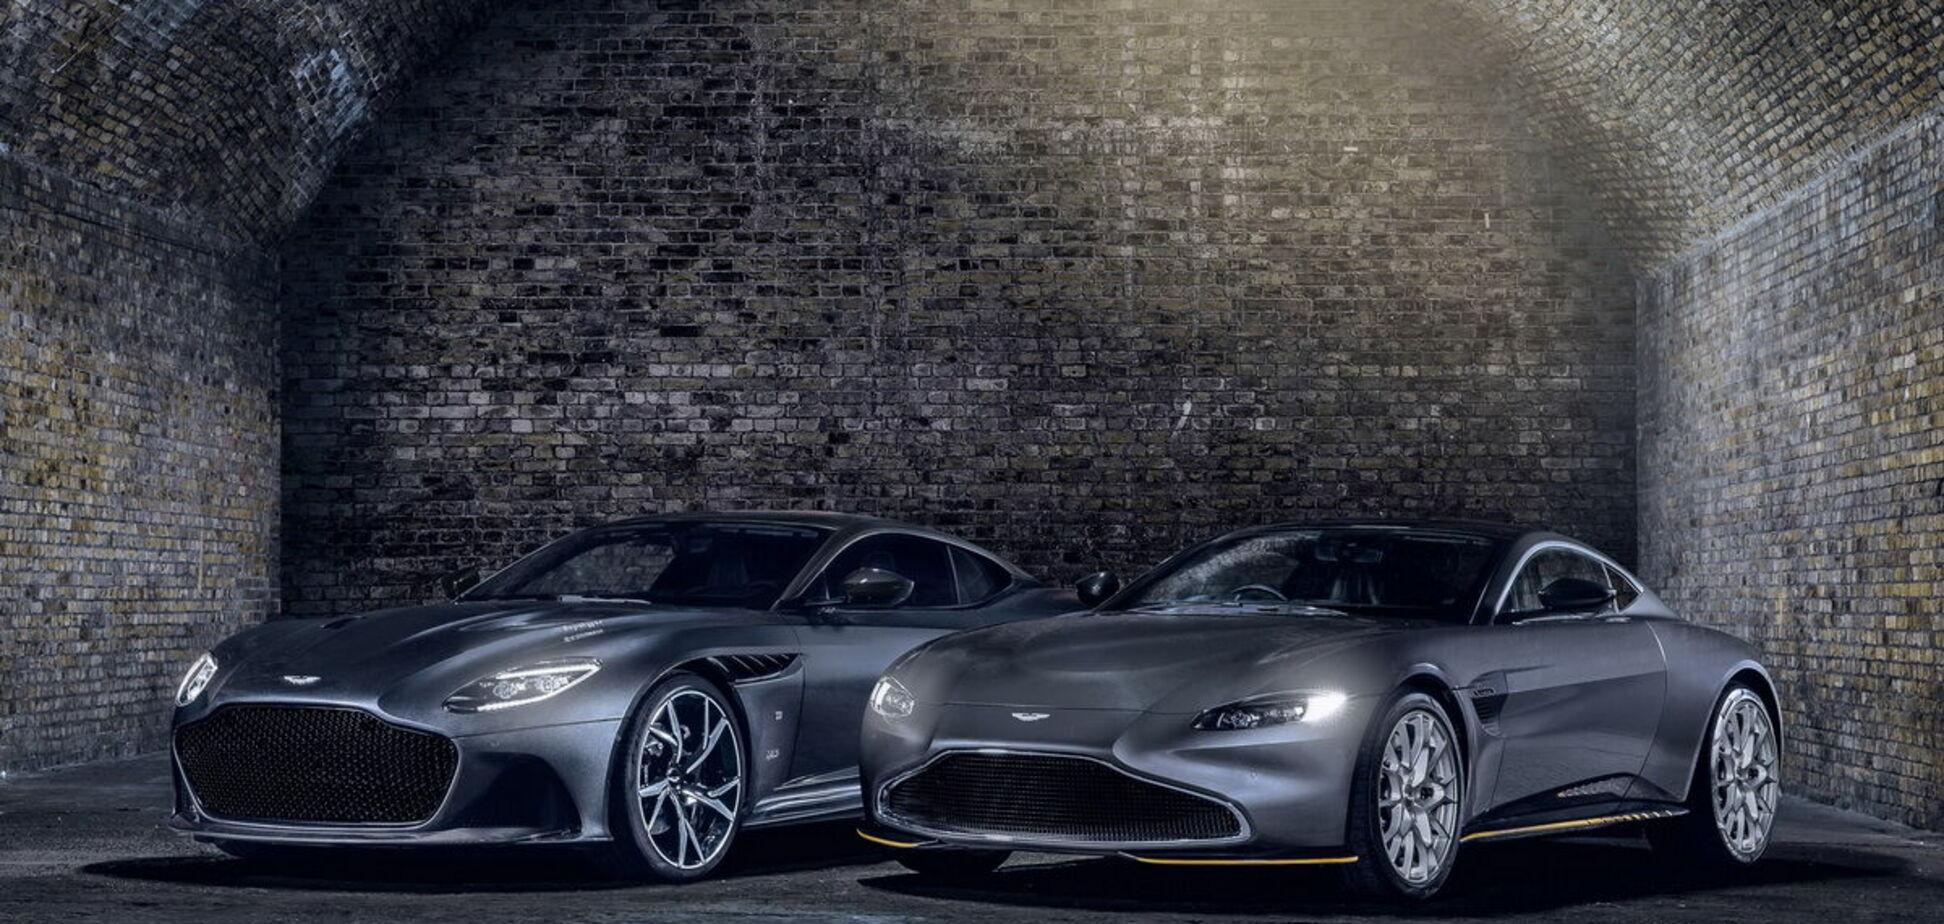 Aston Martin випустить 'шпигунські' версії спорткарів